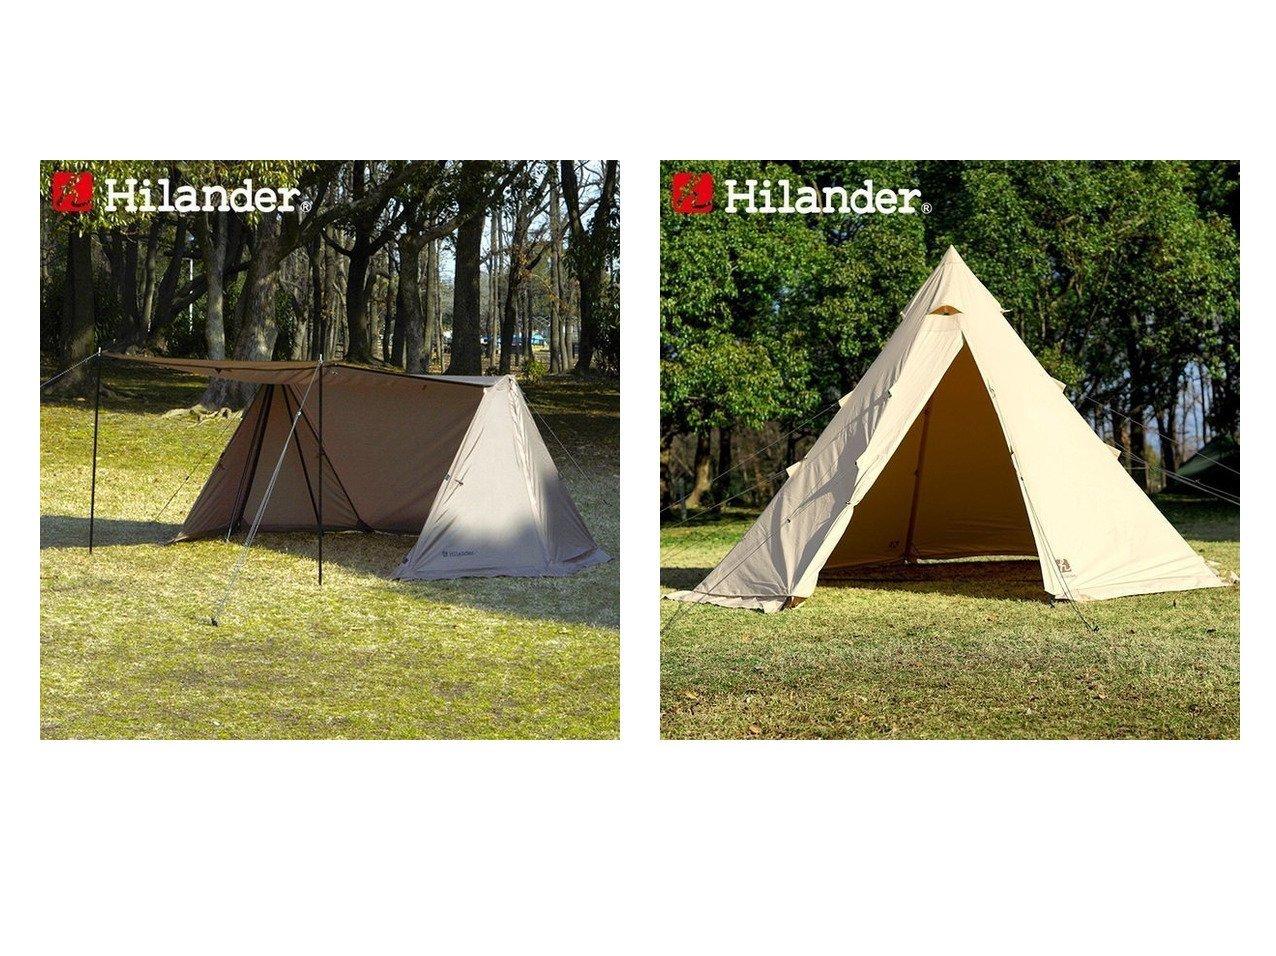 【Hilander/ハイランダー】のハンガーフレームシェルター クロシェト(キャノピーポール2本付き)&A型フレーム ネヴィス 400 【テント】おすすめ!人気キャンプ・アウトドア用品の通販 おすすめで人気の流行・トレンド、ファッションの通販商品 インテリア・家具・メンズファッション・キッズファッション・レディースファッション・服の通販 founy(ファニー) https://founy.com/ インナー ダブル フレーム ホーム・キャンプ・アウトドア Home,Garden,Outdoor,Camping Gear キャンプ用品・アウトドア  Camping Gear & Outdoor Supplies テント タープ Tents, Tarp  ID:crp329100000051151